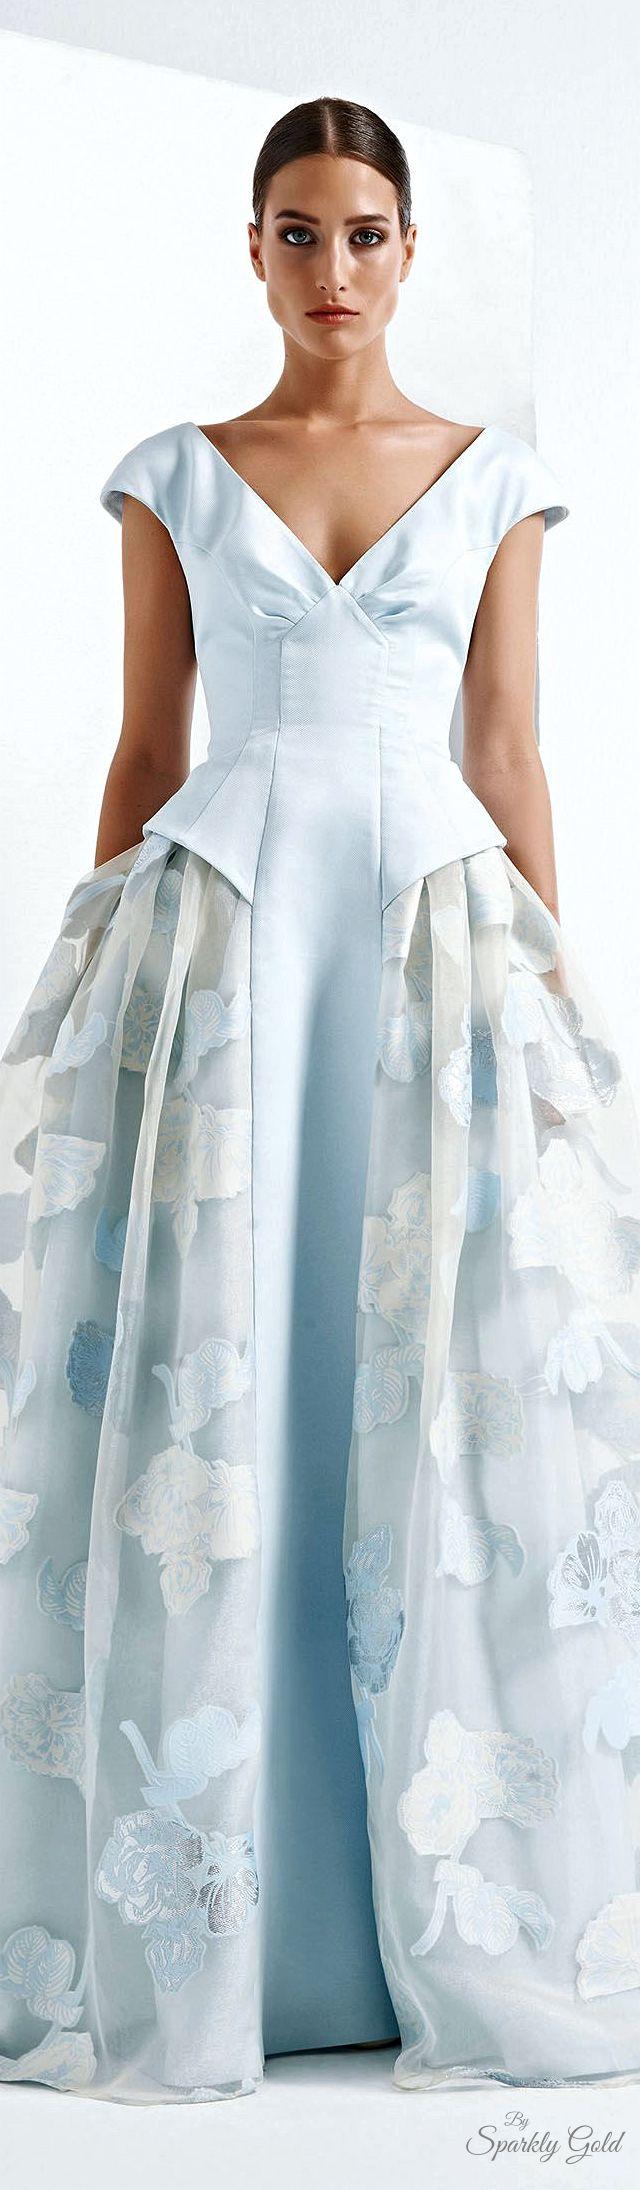 pingl par olivia la bobine sur robes dresses pinterest haute couture couture et robe. Black Bedroom Furniture Sets. Home Design Ideas